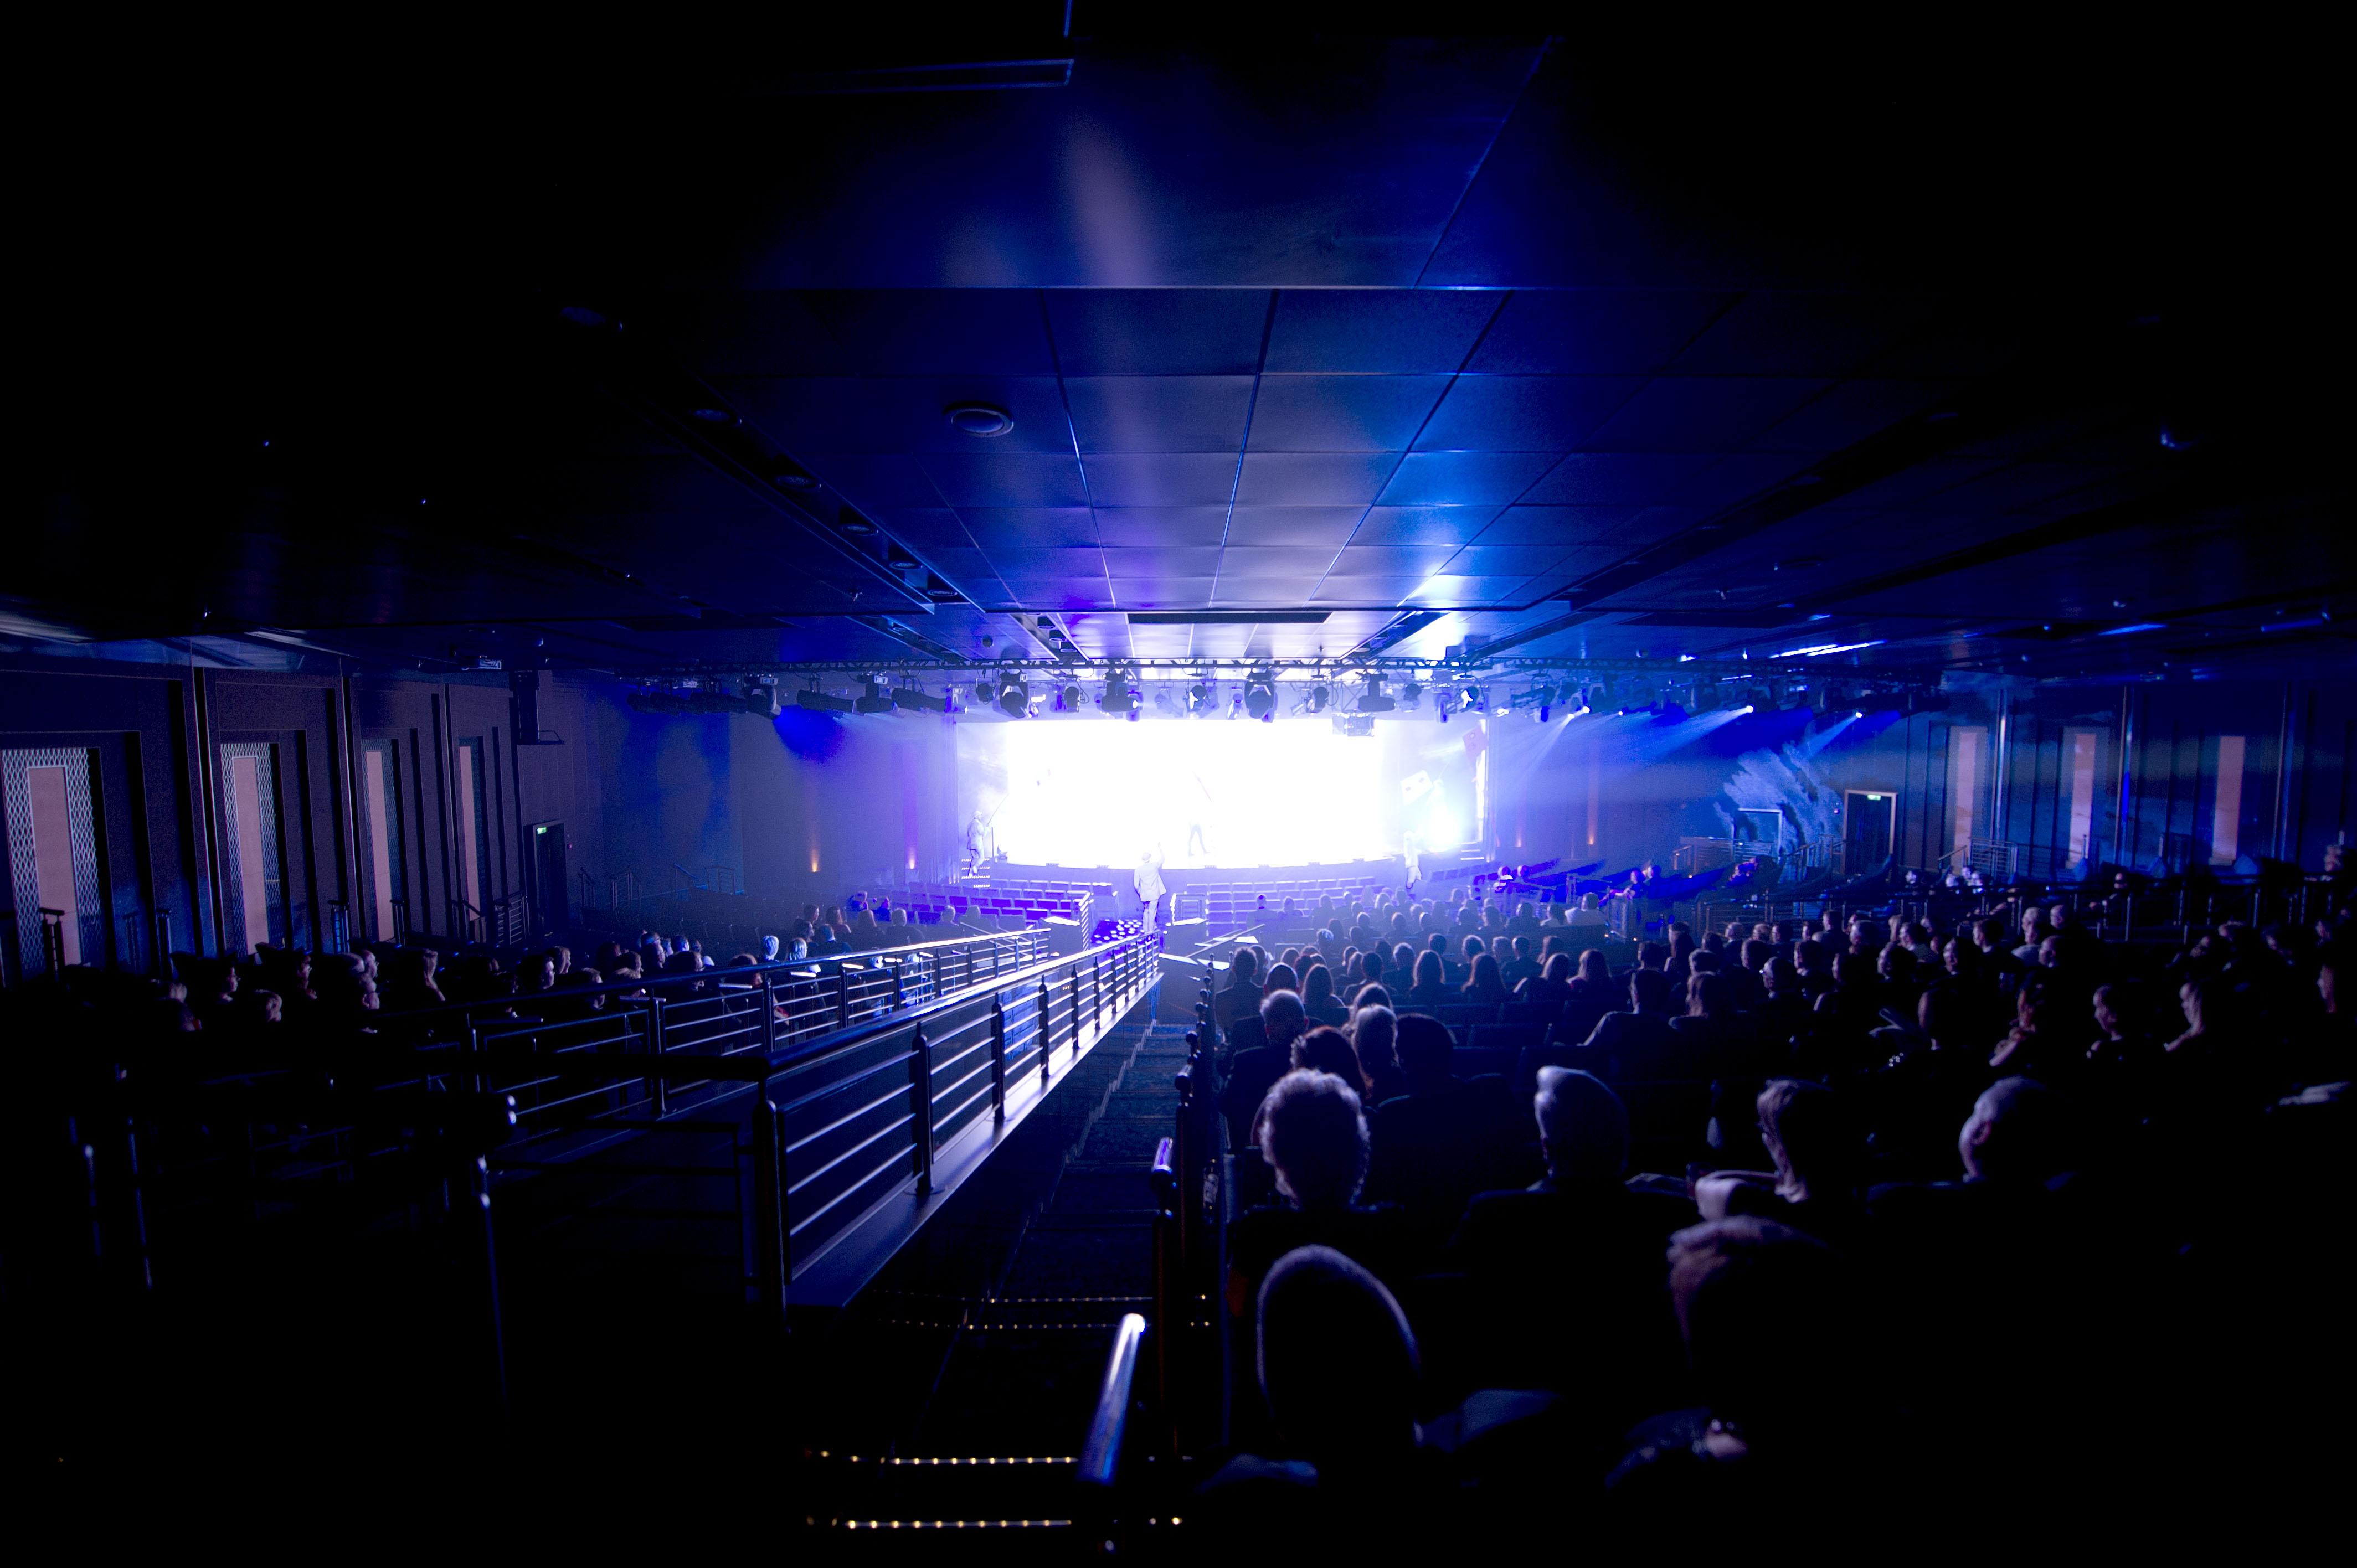 P&O Cruises Britannia Interior Theatre Ds39503.jpg